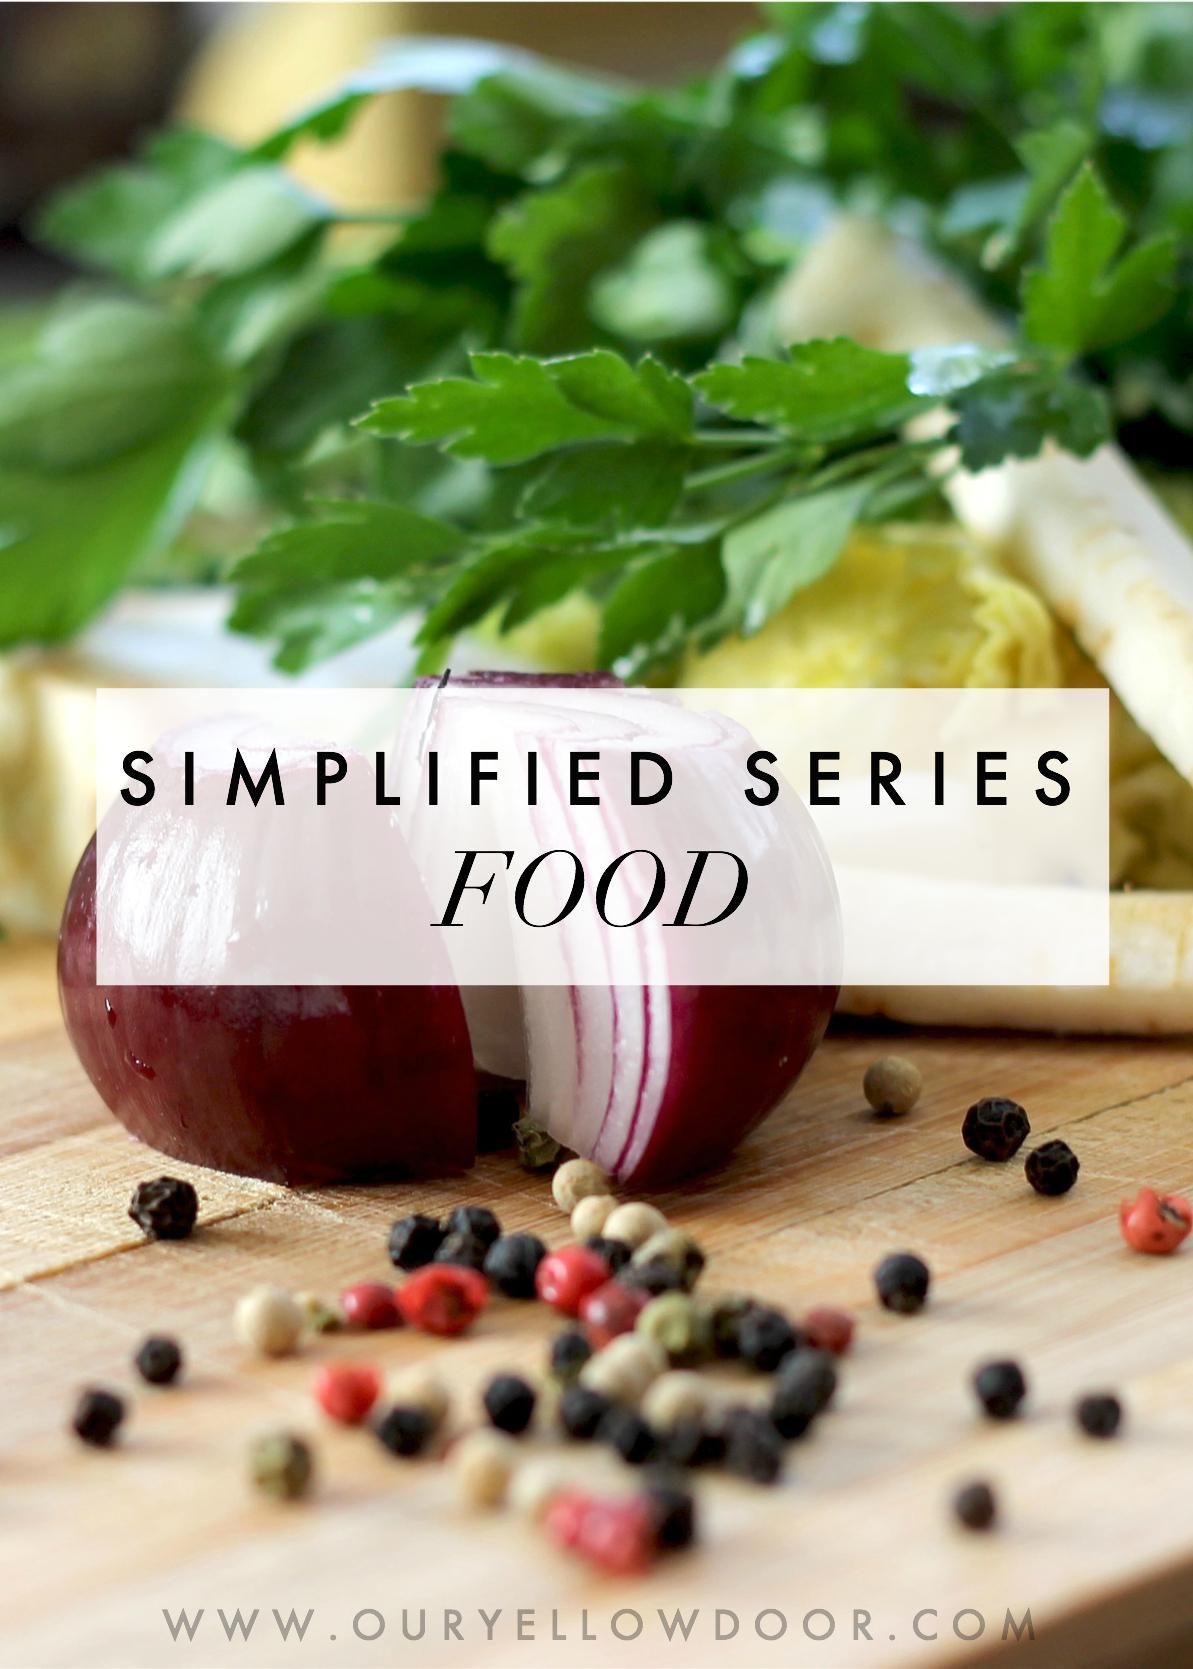 Simplified Series Food